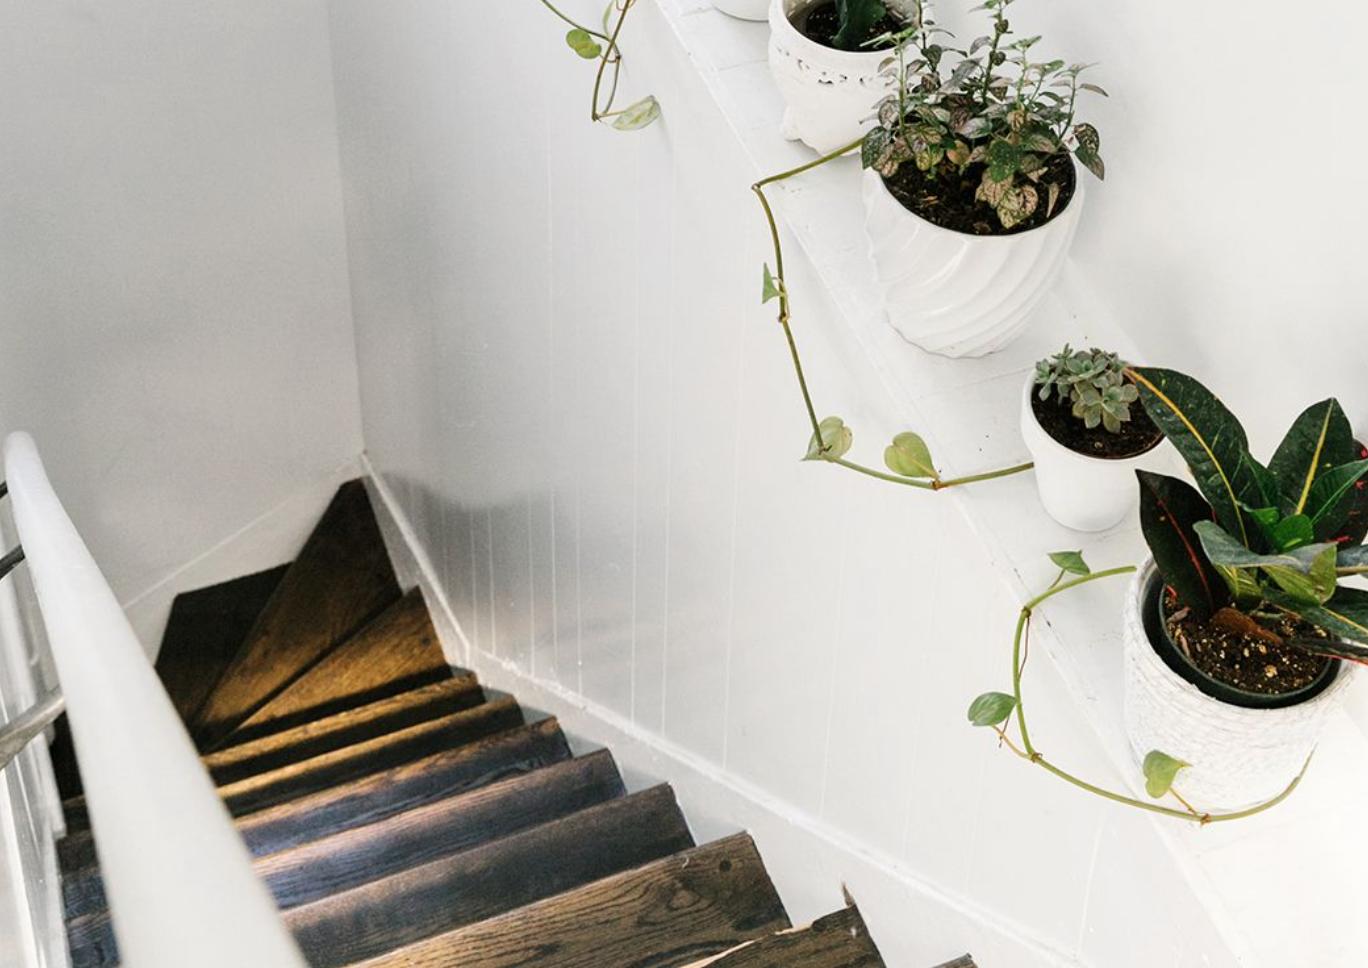 Interieur inspiratie styling van het trappenhuis stijlvol styling woonblog - Decoratie van trappenhuis ...